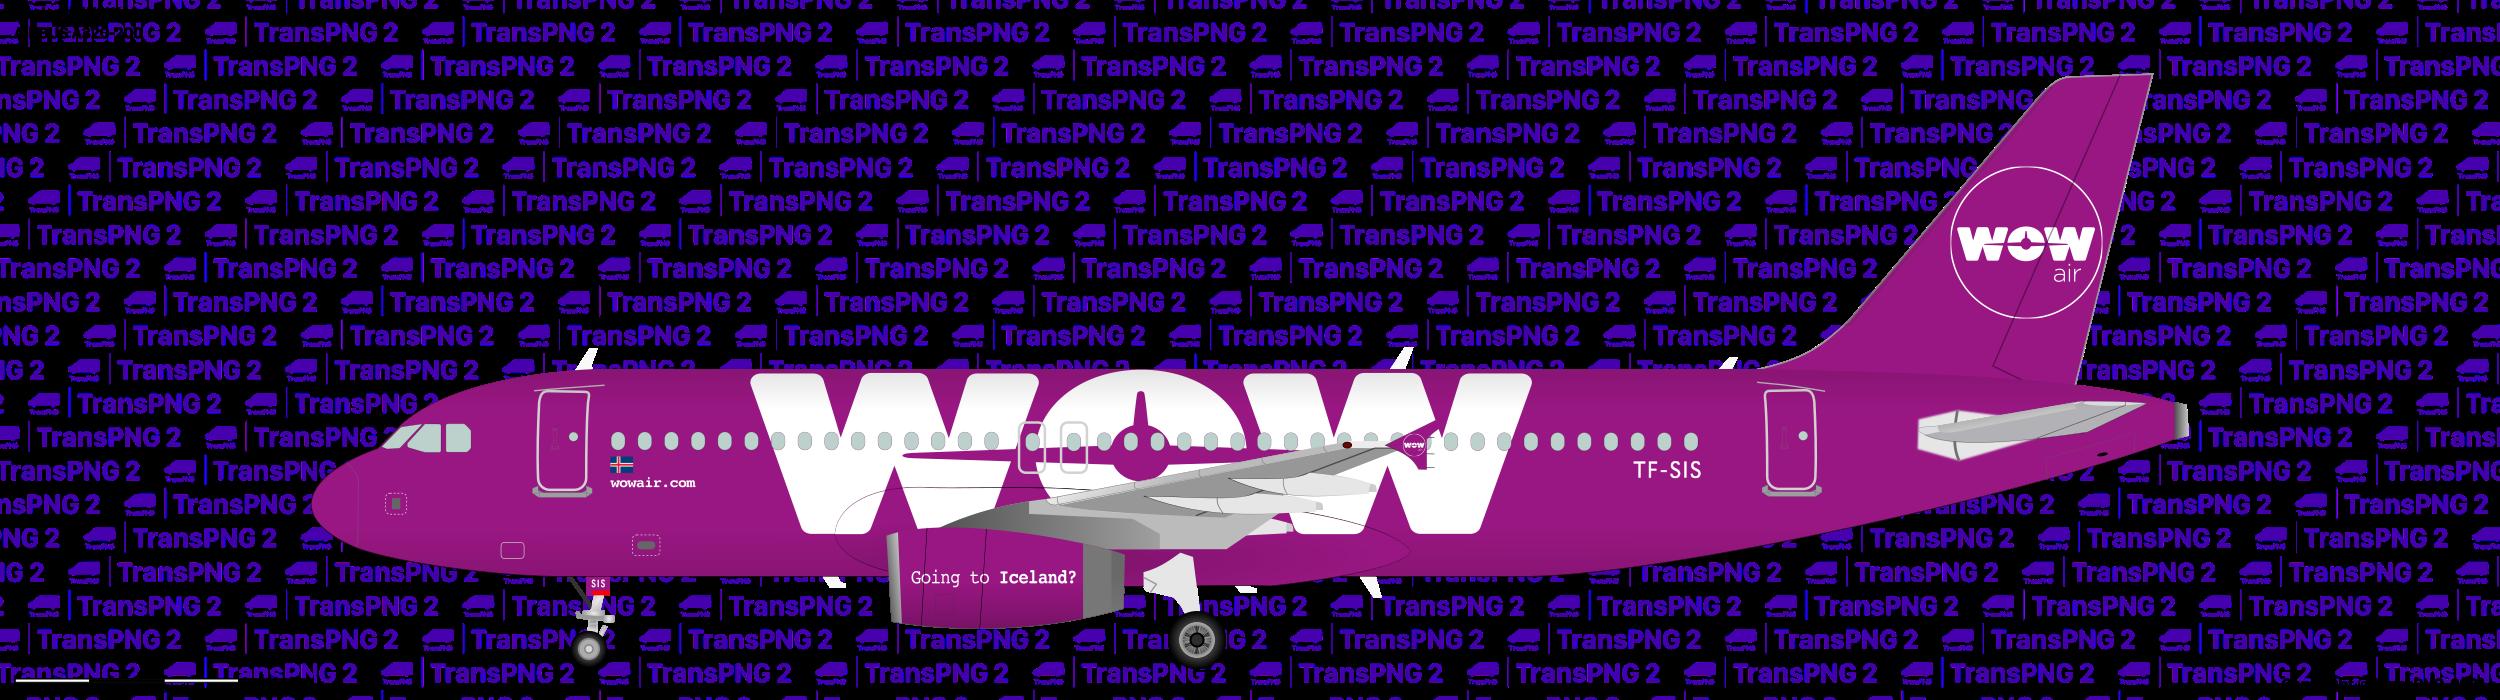 [25096] WOW air 25096